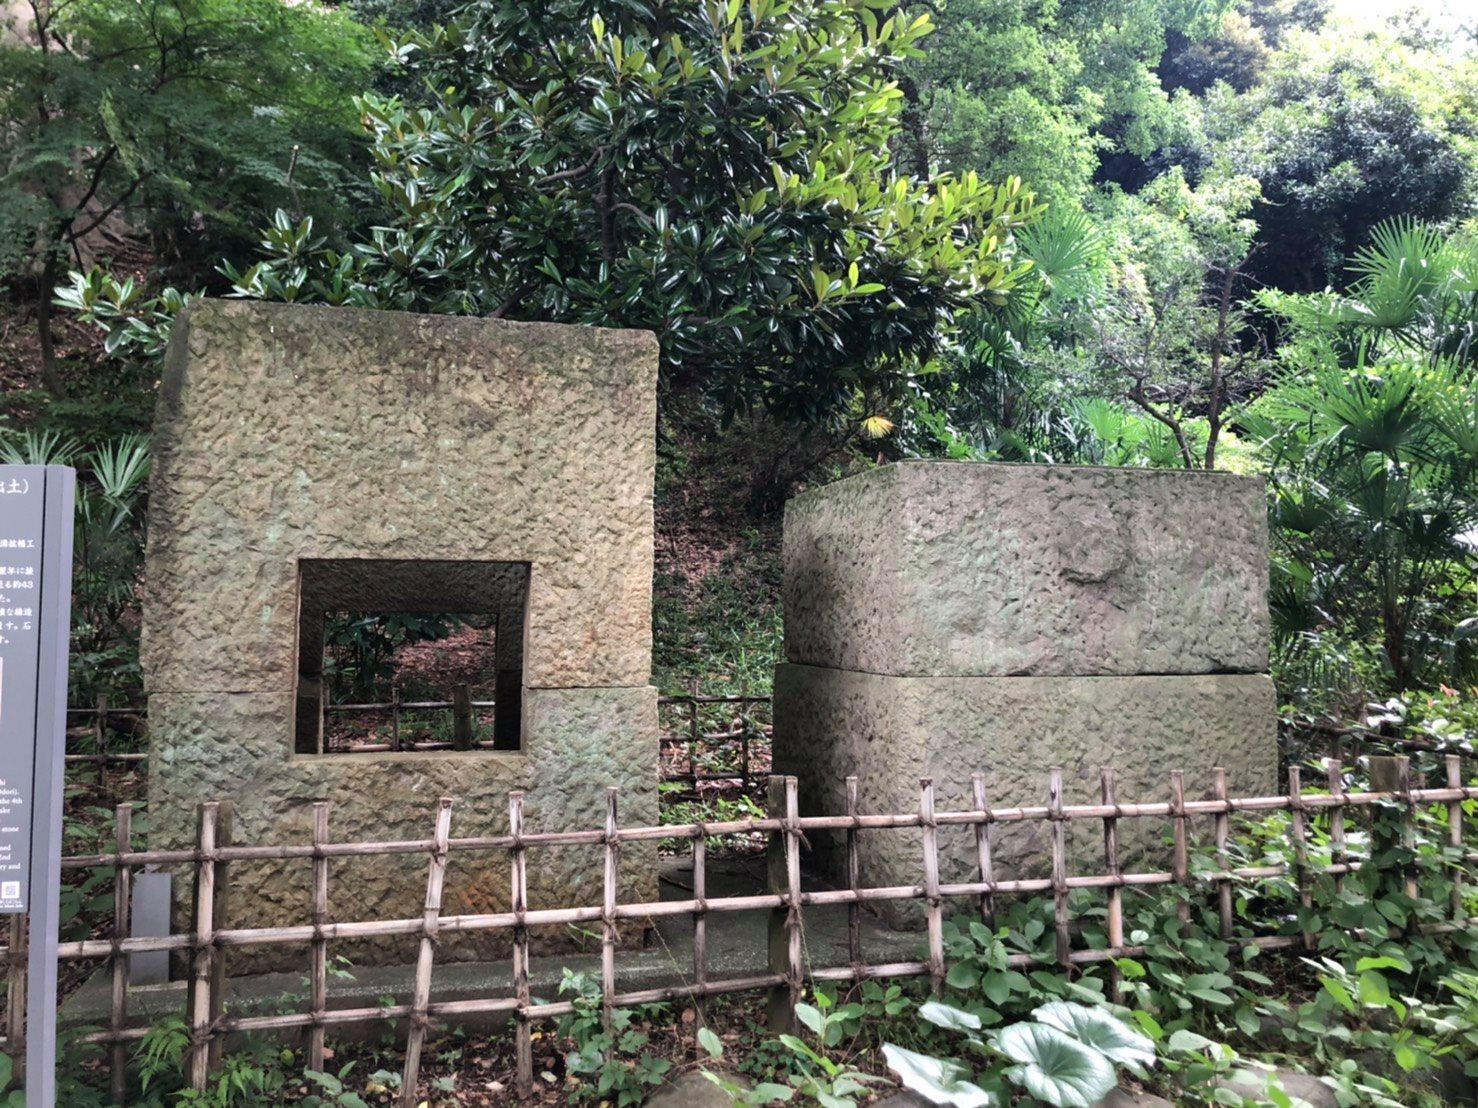 江戸時代の水道管技術がすごい。in 清水谷公園